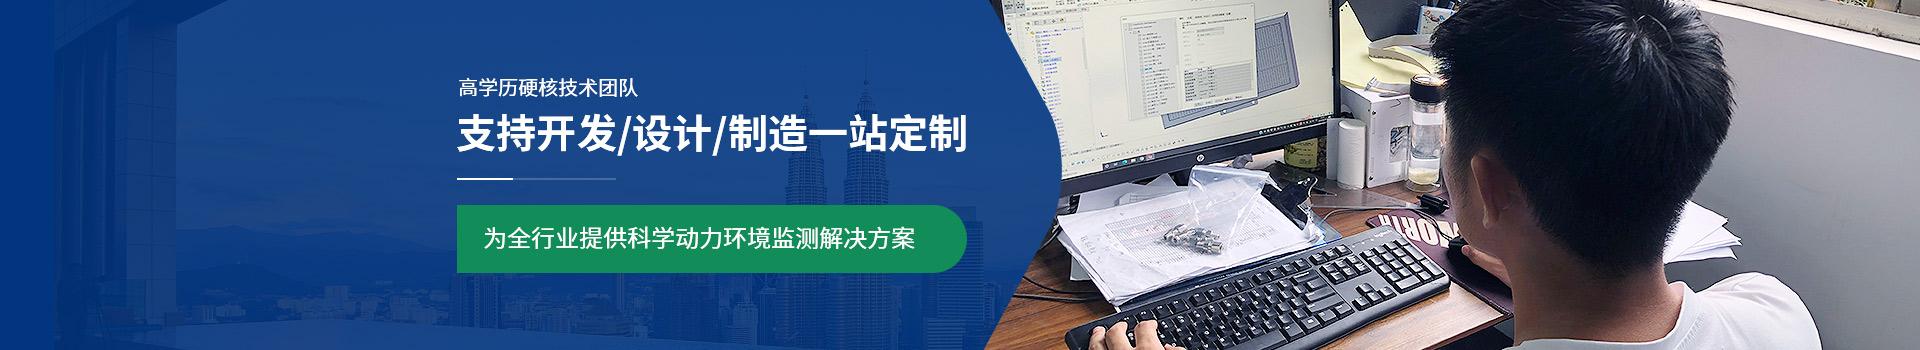 源慧达 支持开发/设计/制造一站定制